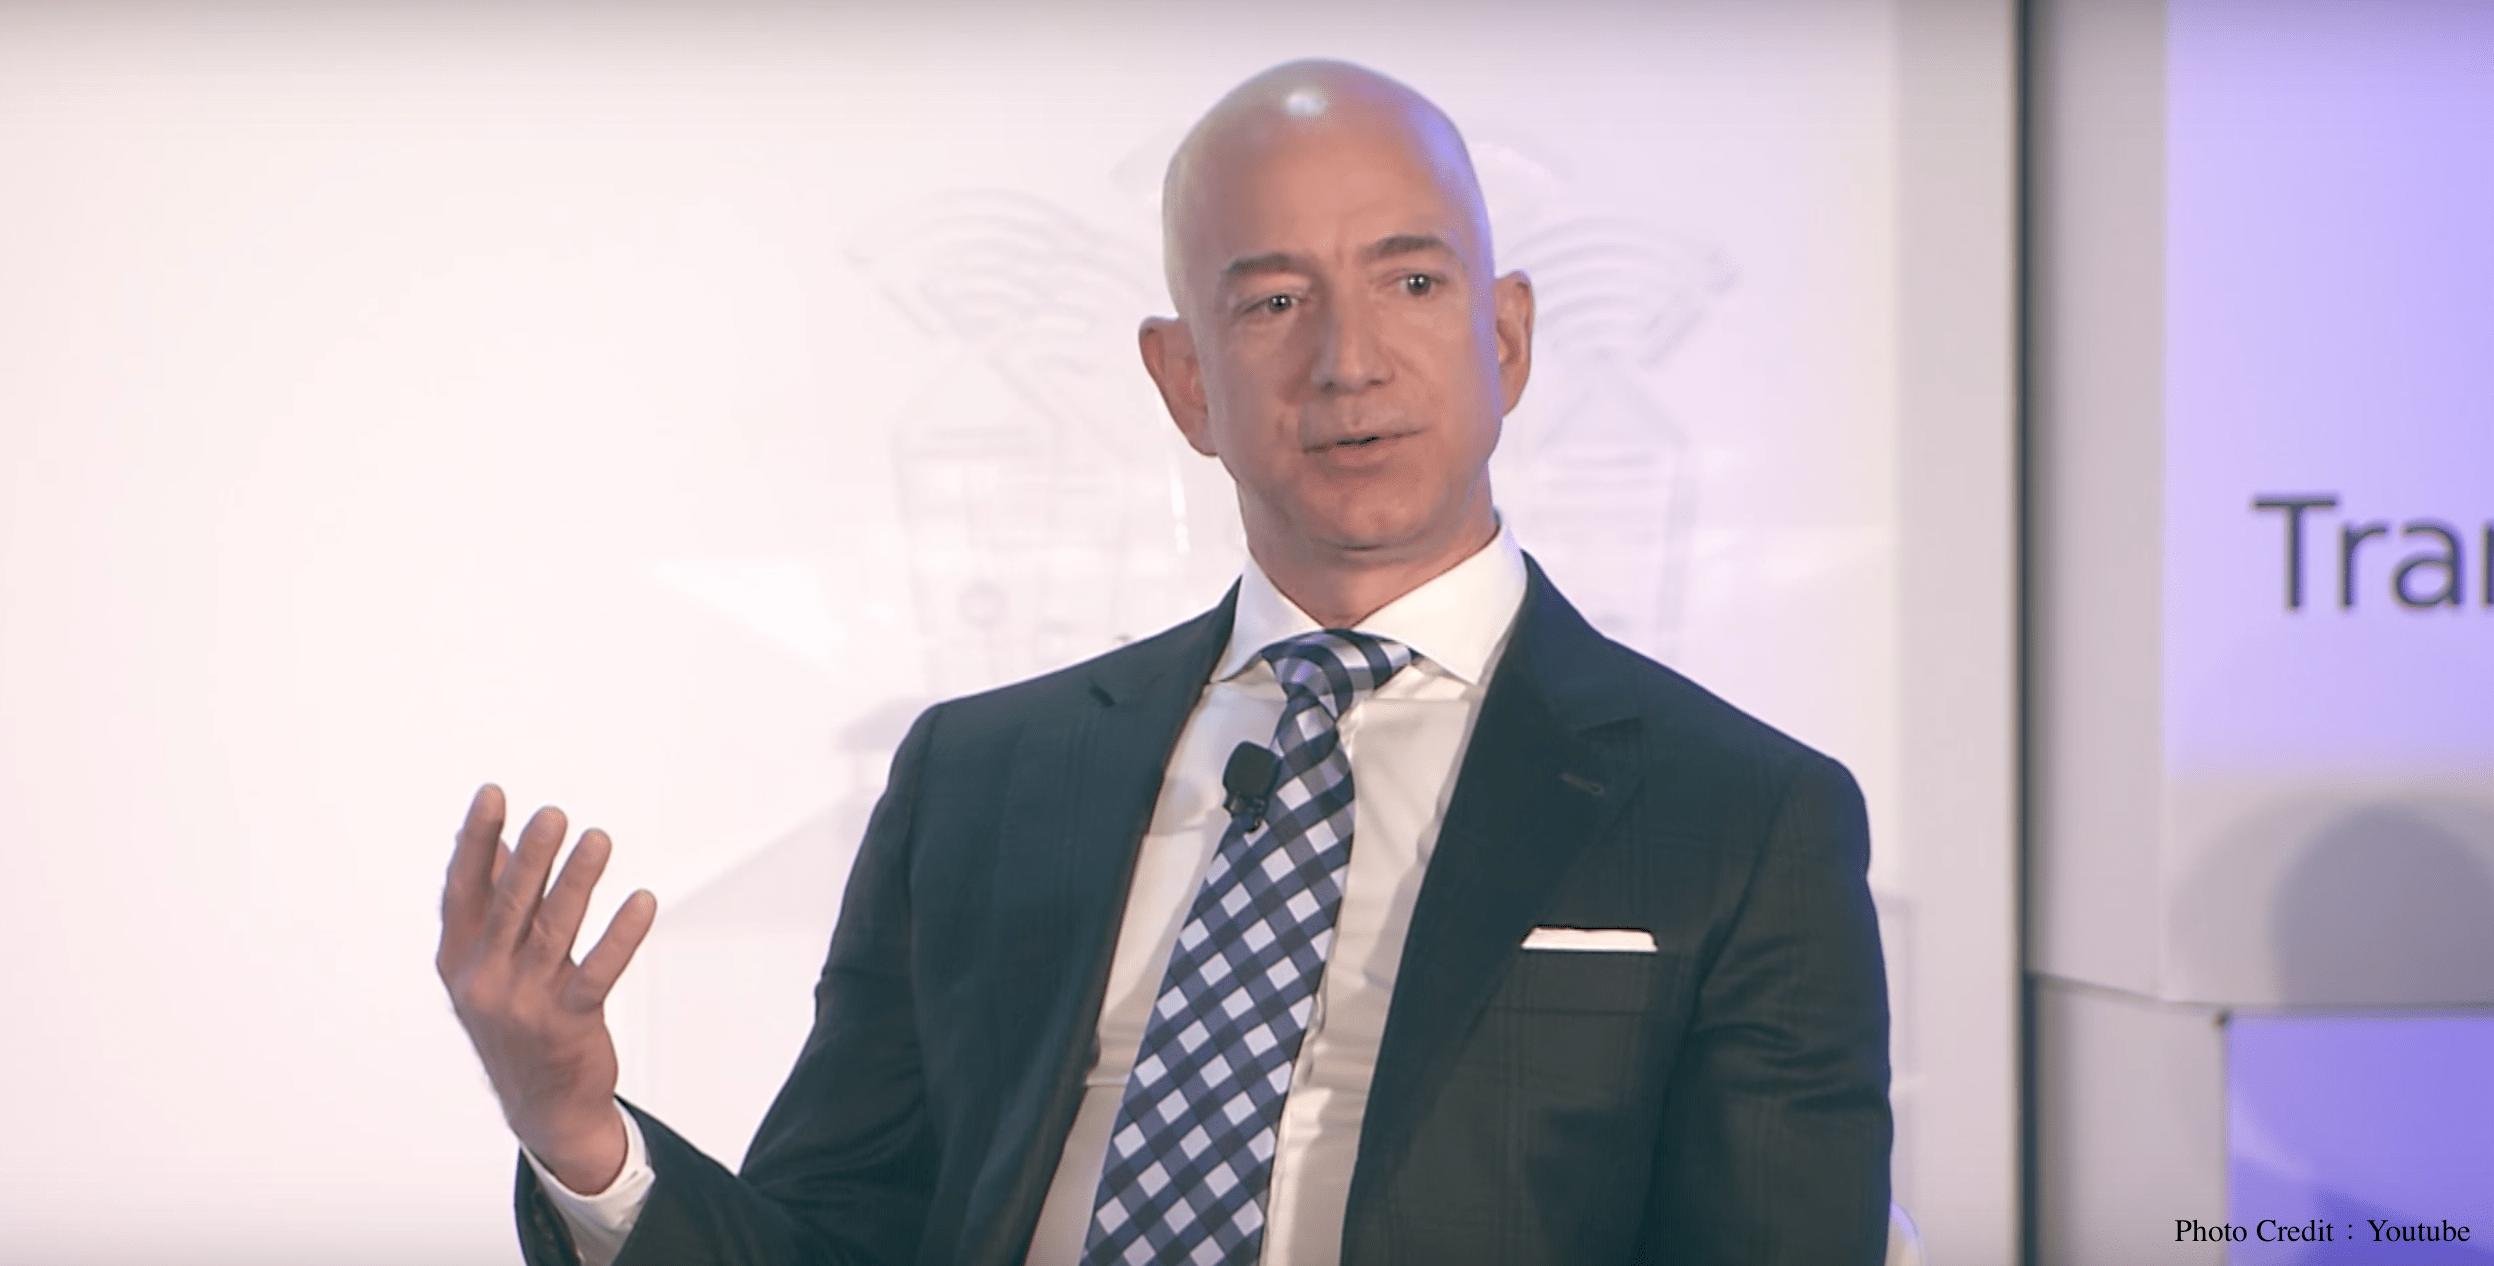 「不只要傾聽顧客,還要幫顧客創新」!亞馬遜成功的3大原則